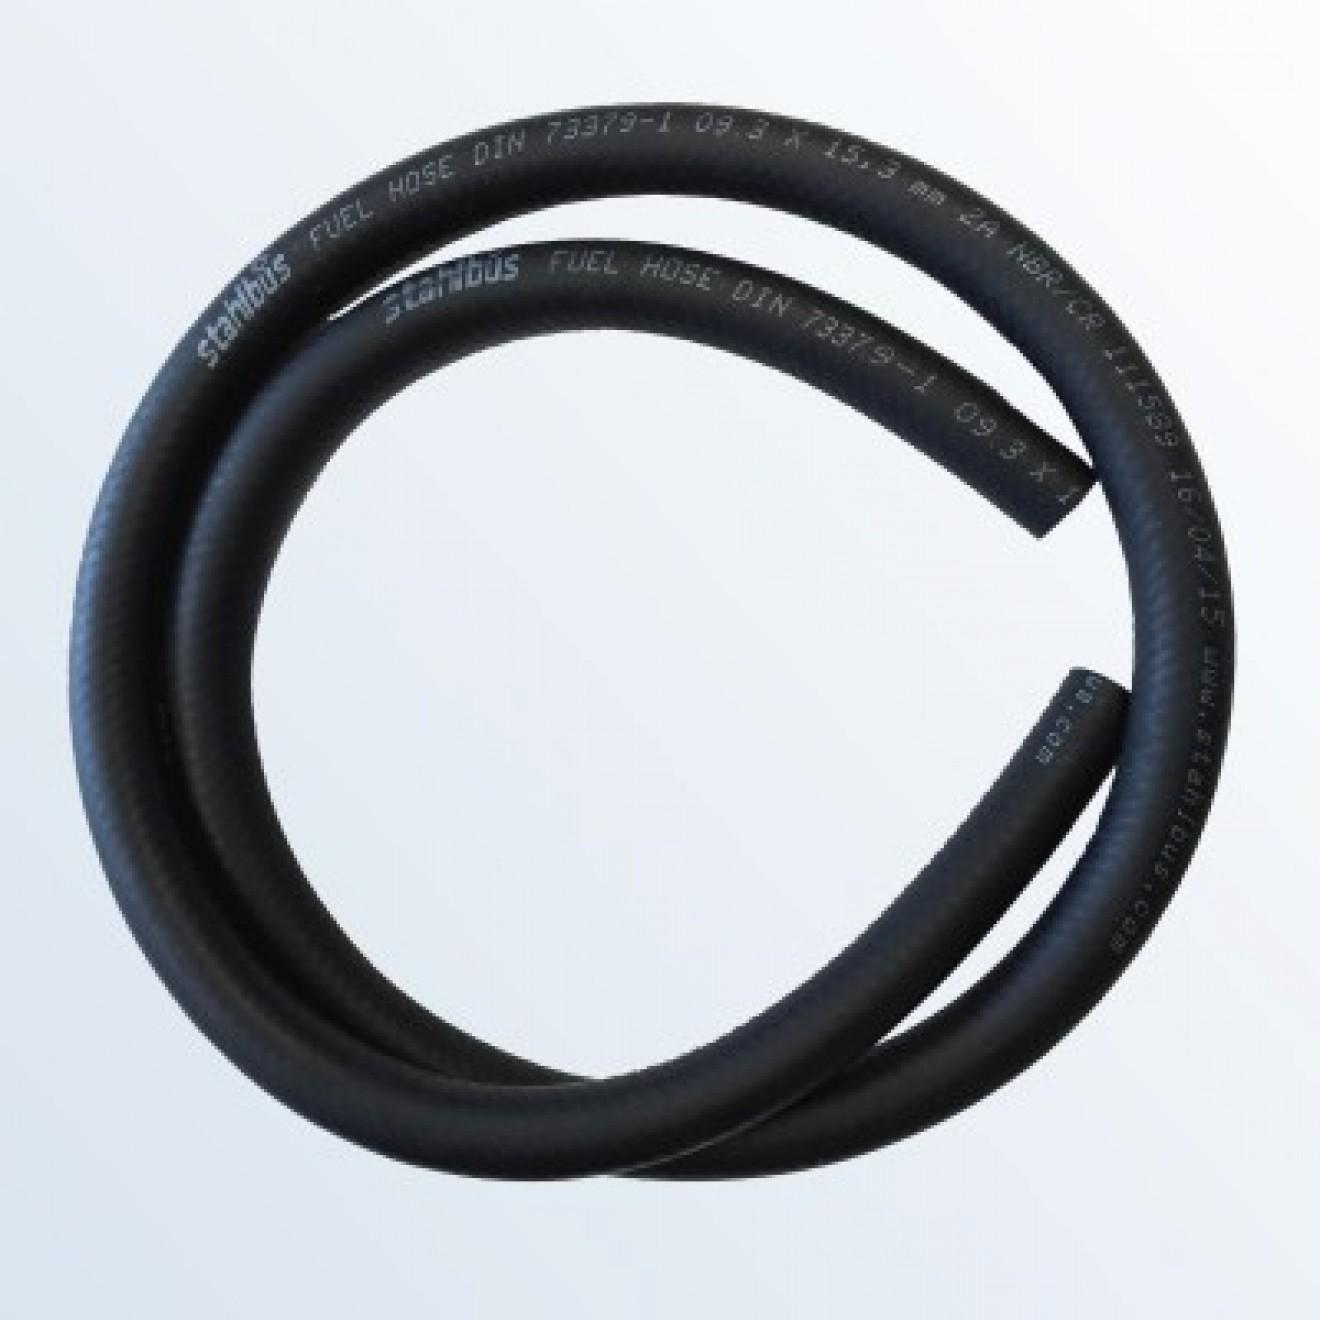 Fabric fuel hose NBR / CR Ø 9,3 x 15,34 mm, length 1m